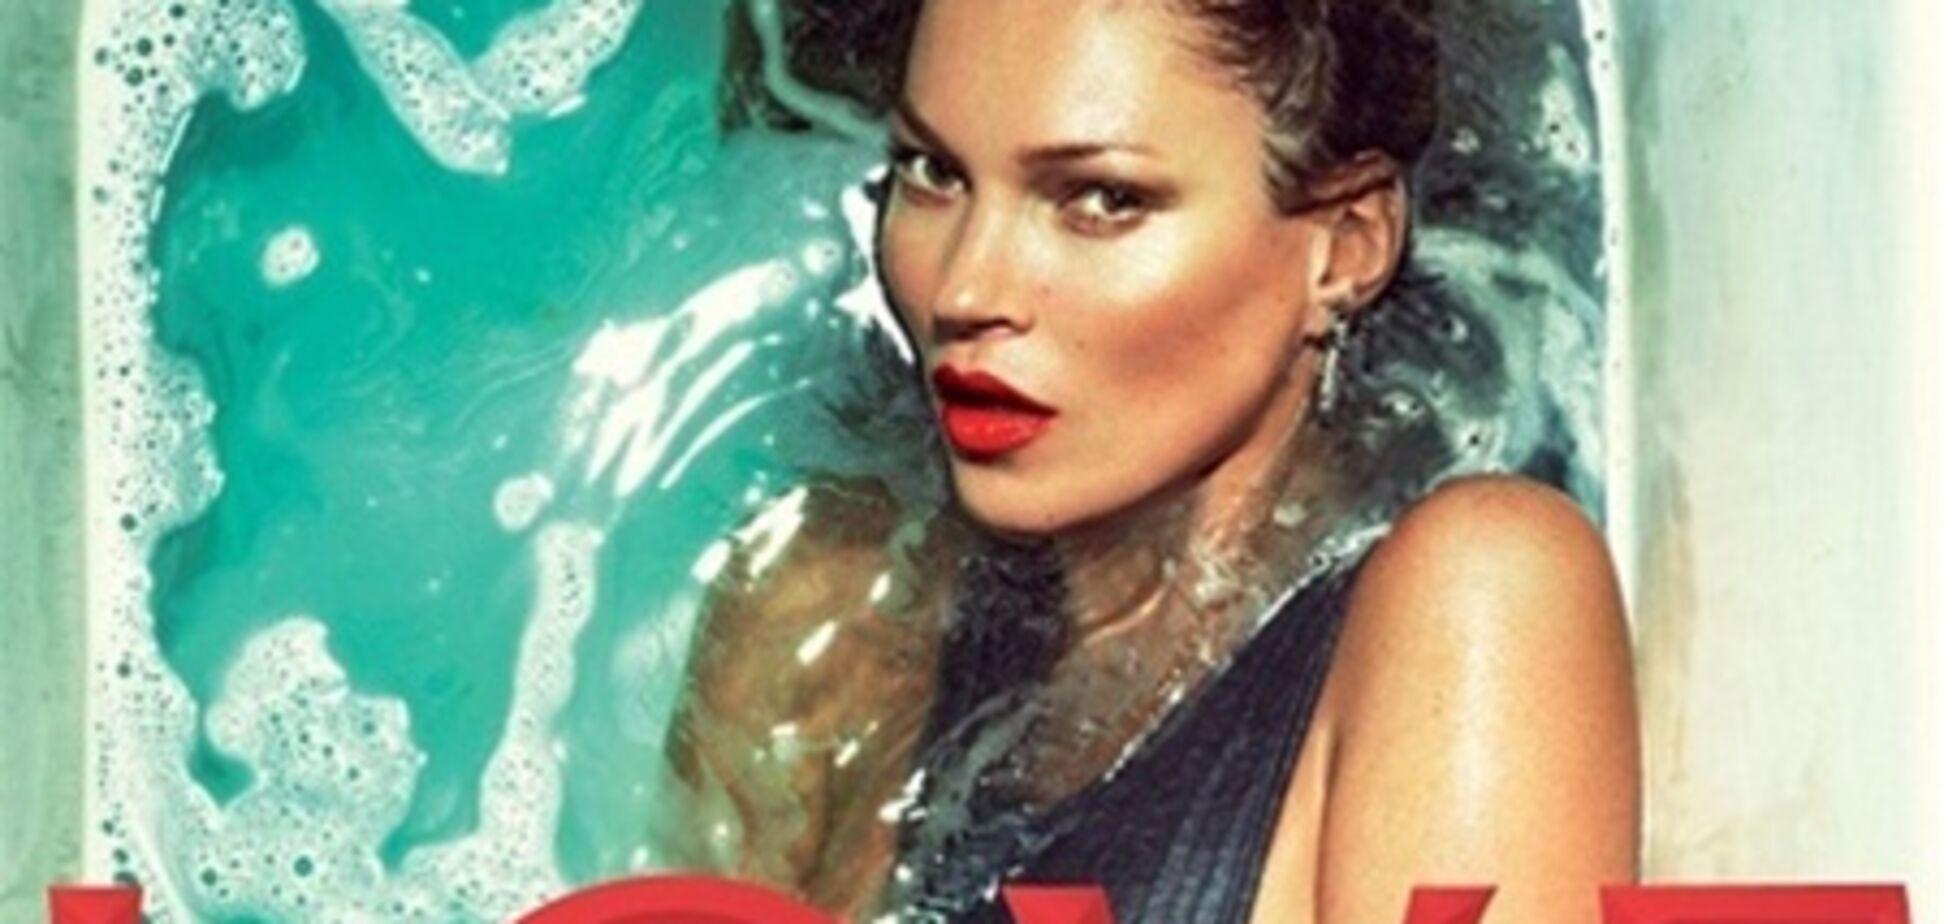 Мосс, Морец и Делевинь отмокают для Love Magazine. Фото